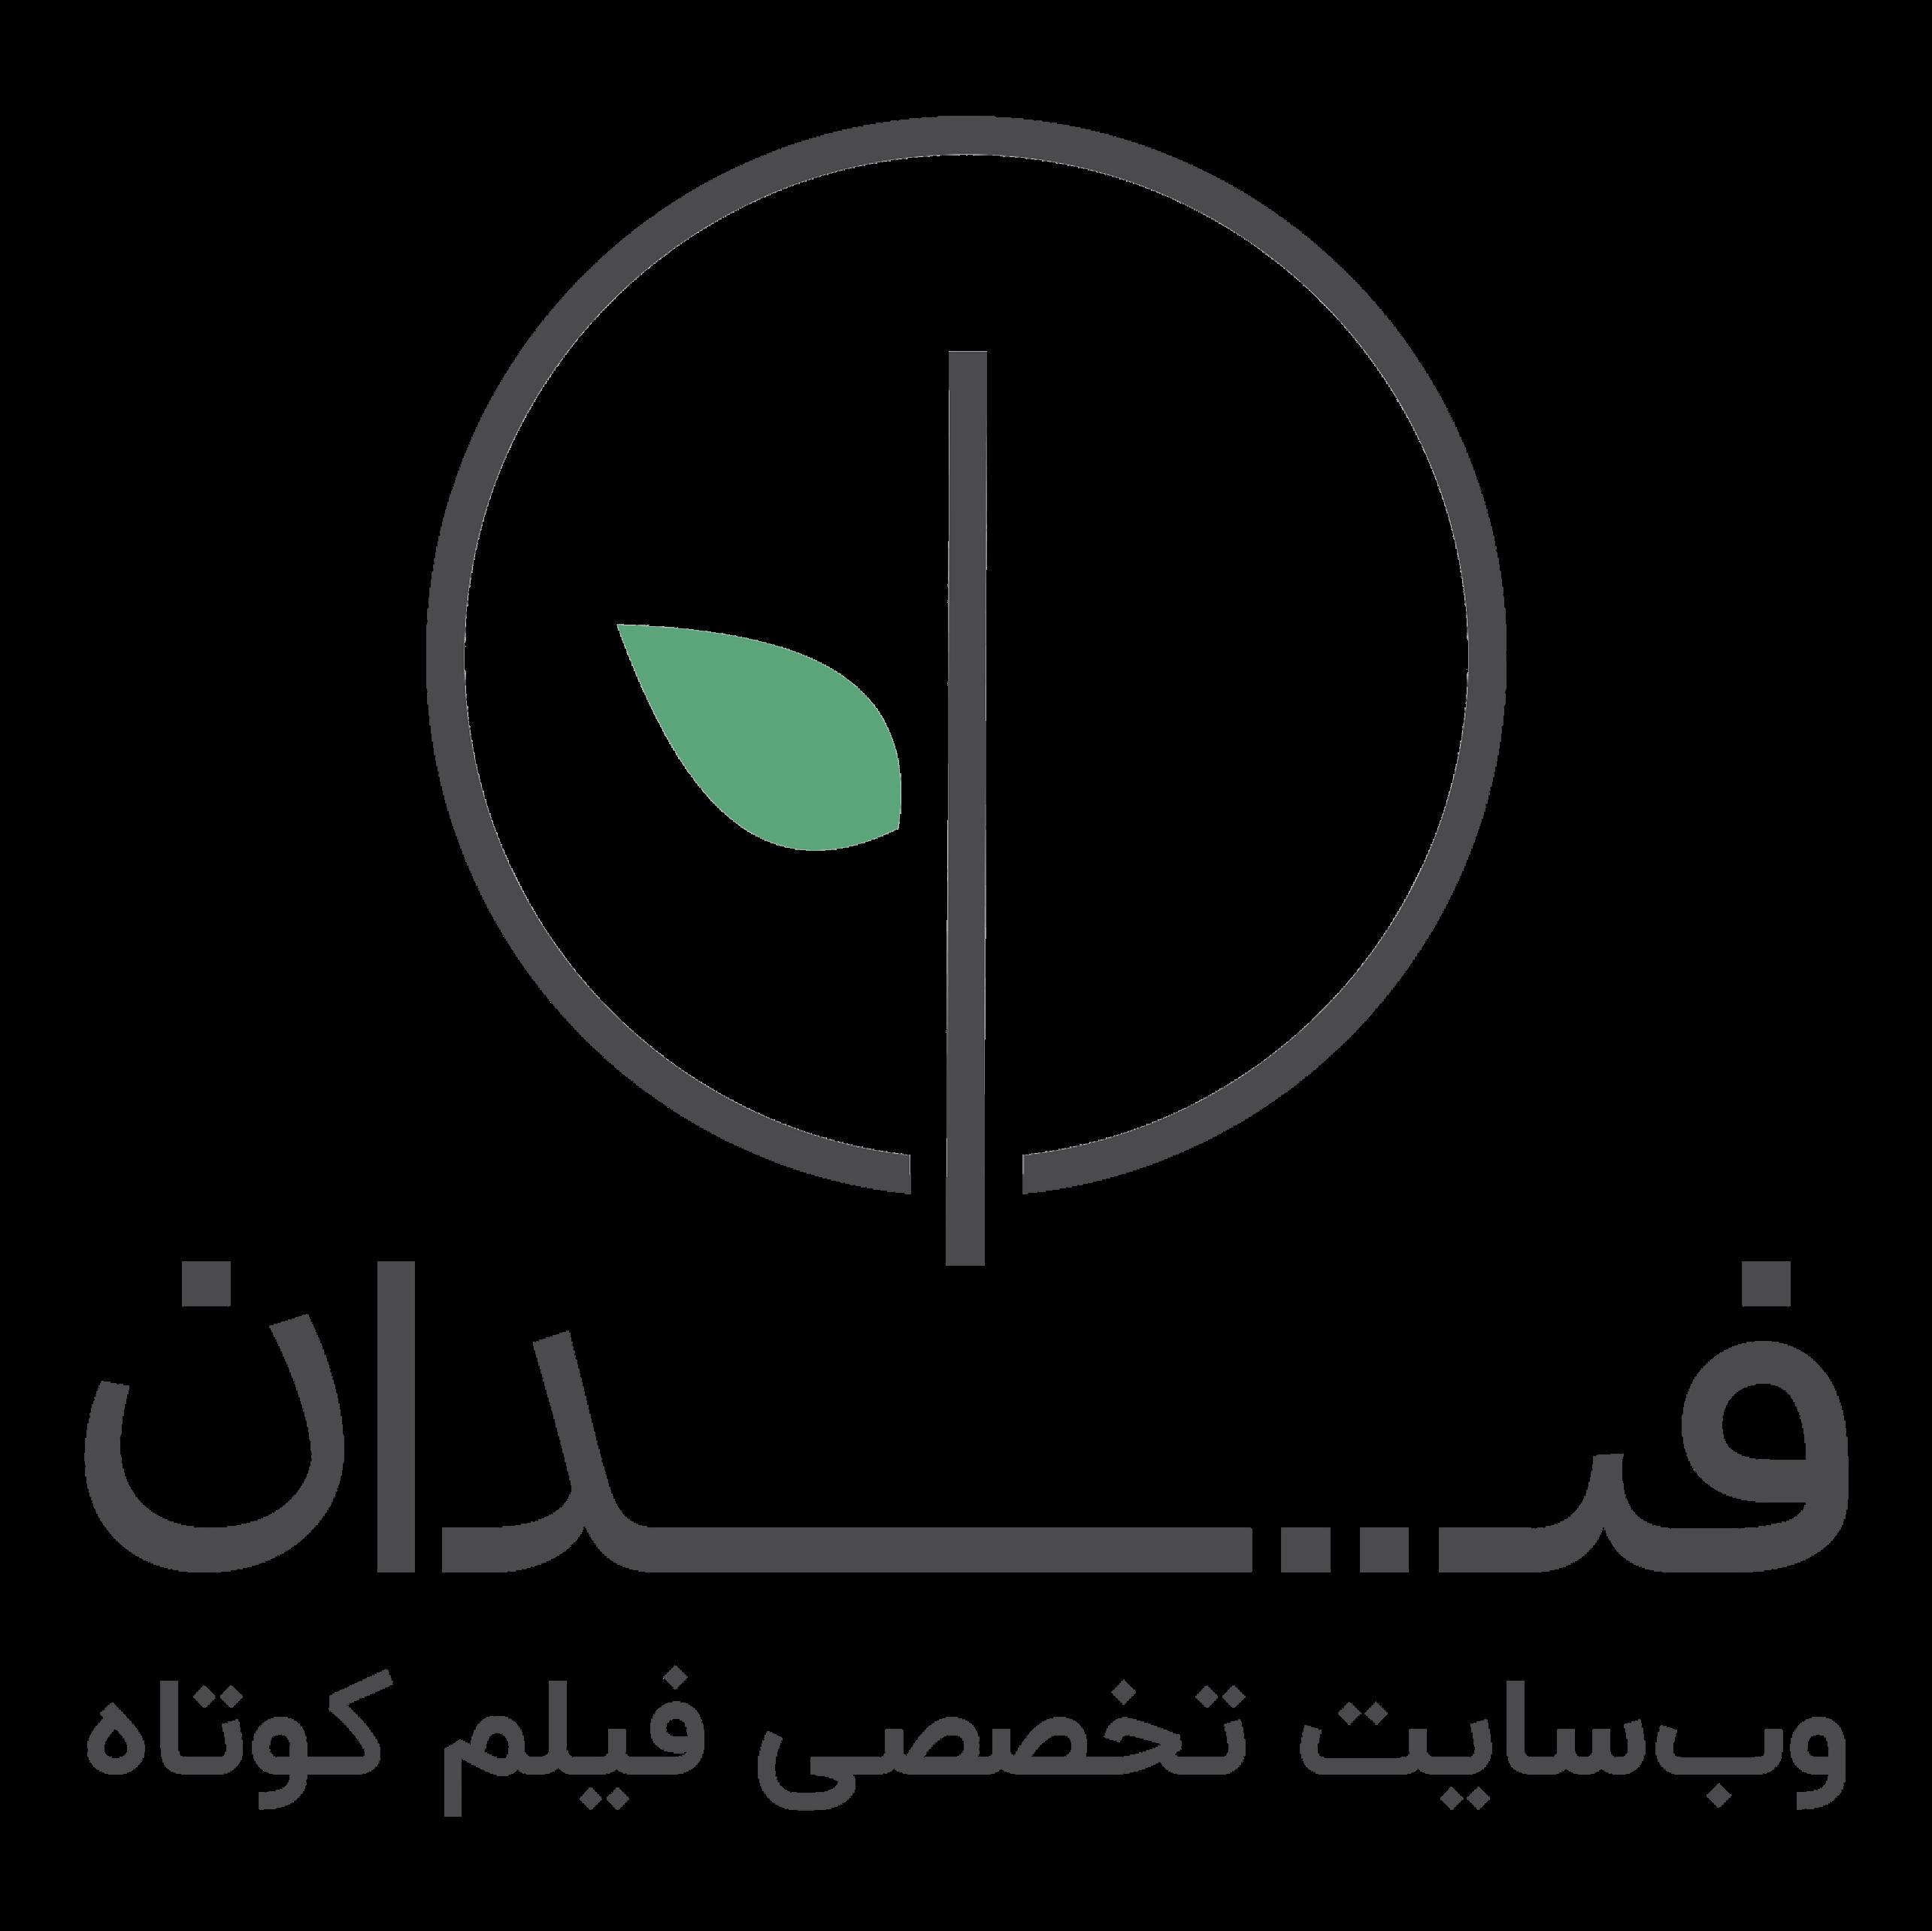 فیدان | وبسایت تخصصی فیلم کوتاه